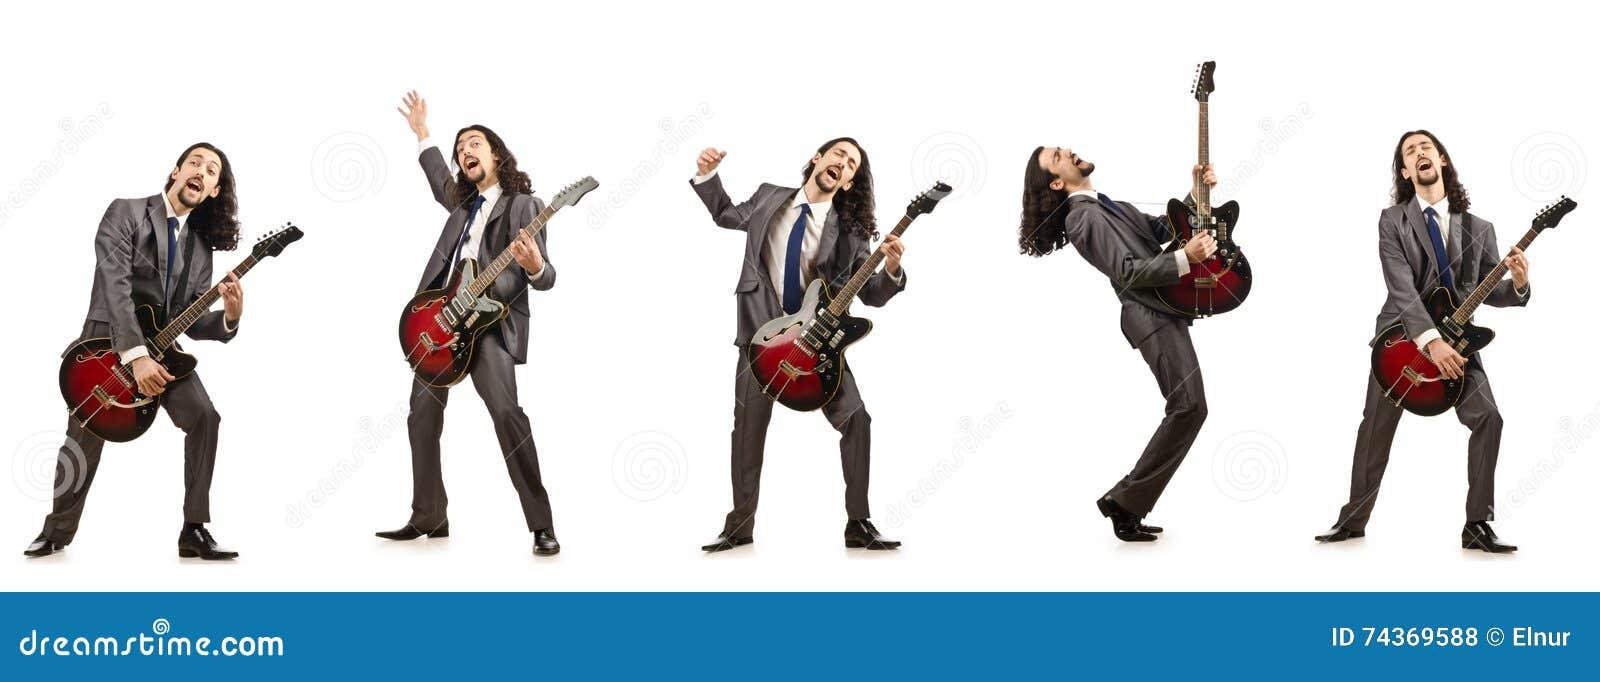 Ο αστείος κιθαρίστας που απομονώνεται στο λευκό